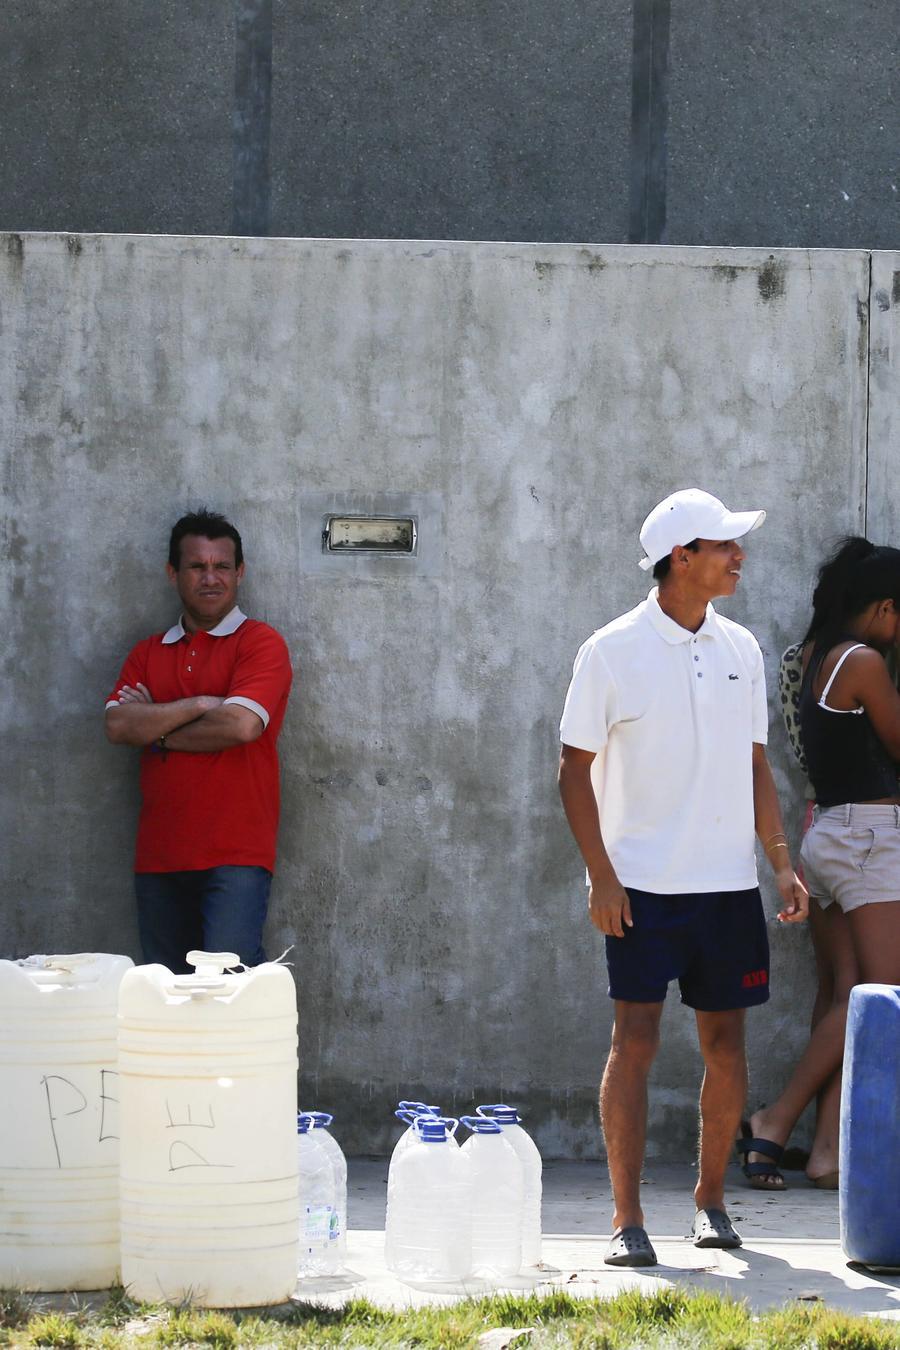 En esta fotografía de archivo del 12 de marzo de 2019, personas en Venezuela hacen una fila para llenar bidones de agua durante un apagón eléctrico